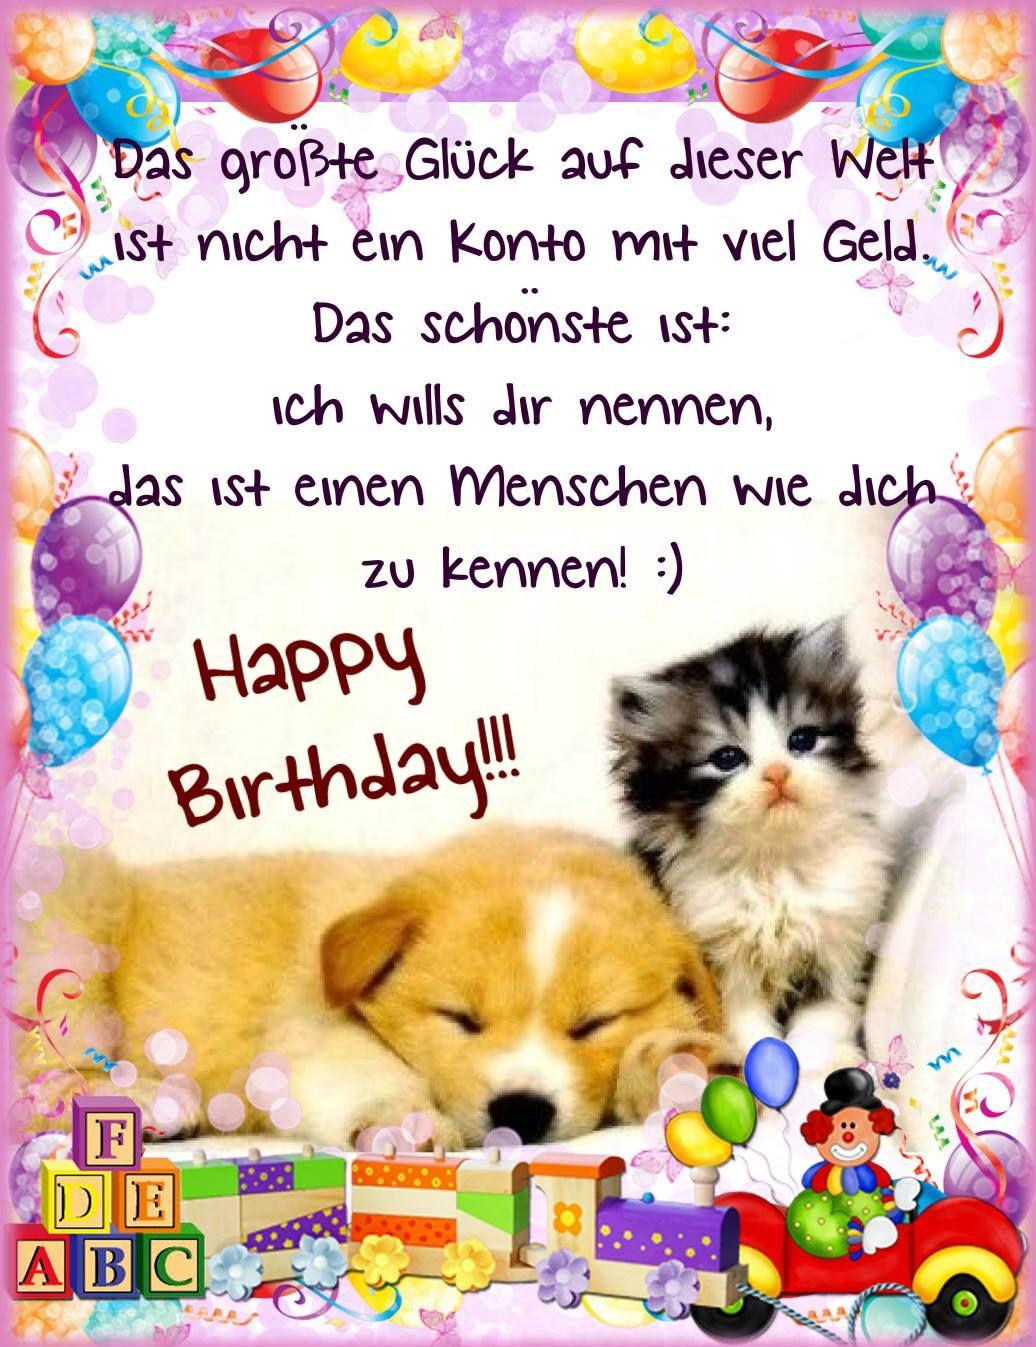 Geburtstagsbilder, Geburtstagskarten Und Geburtstagswünsche ganzes Geburtstagsbilder Für Kinder